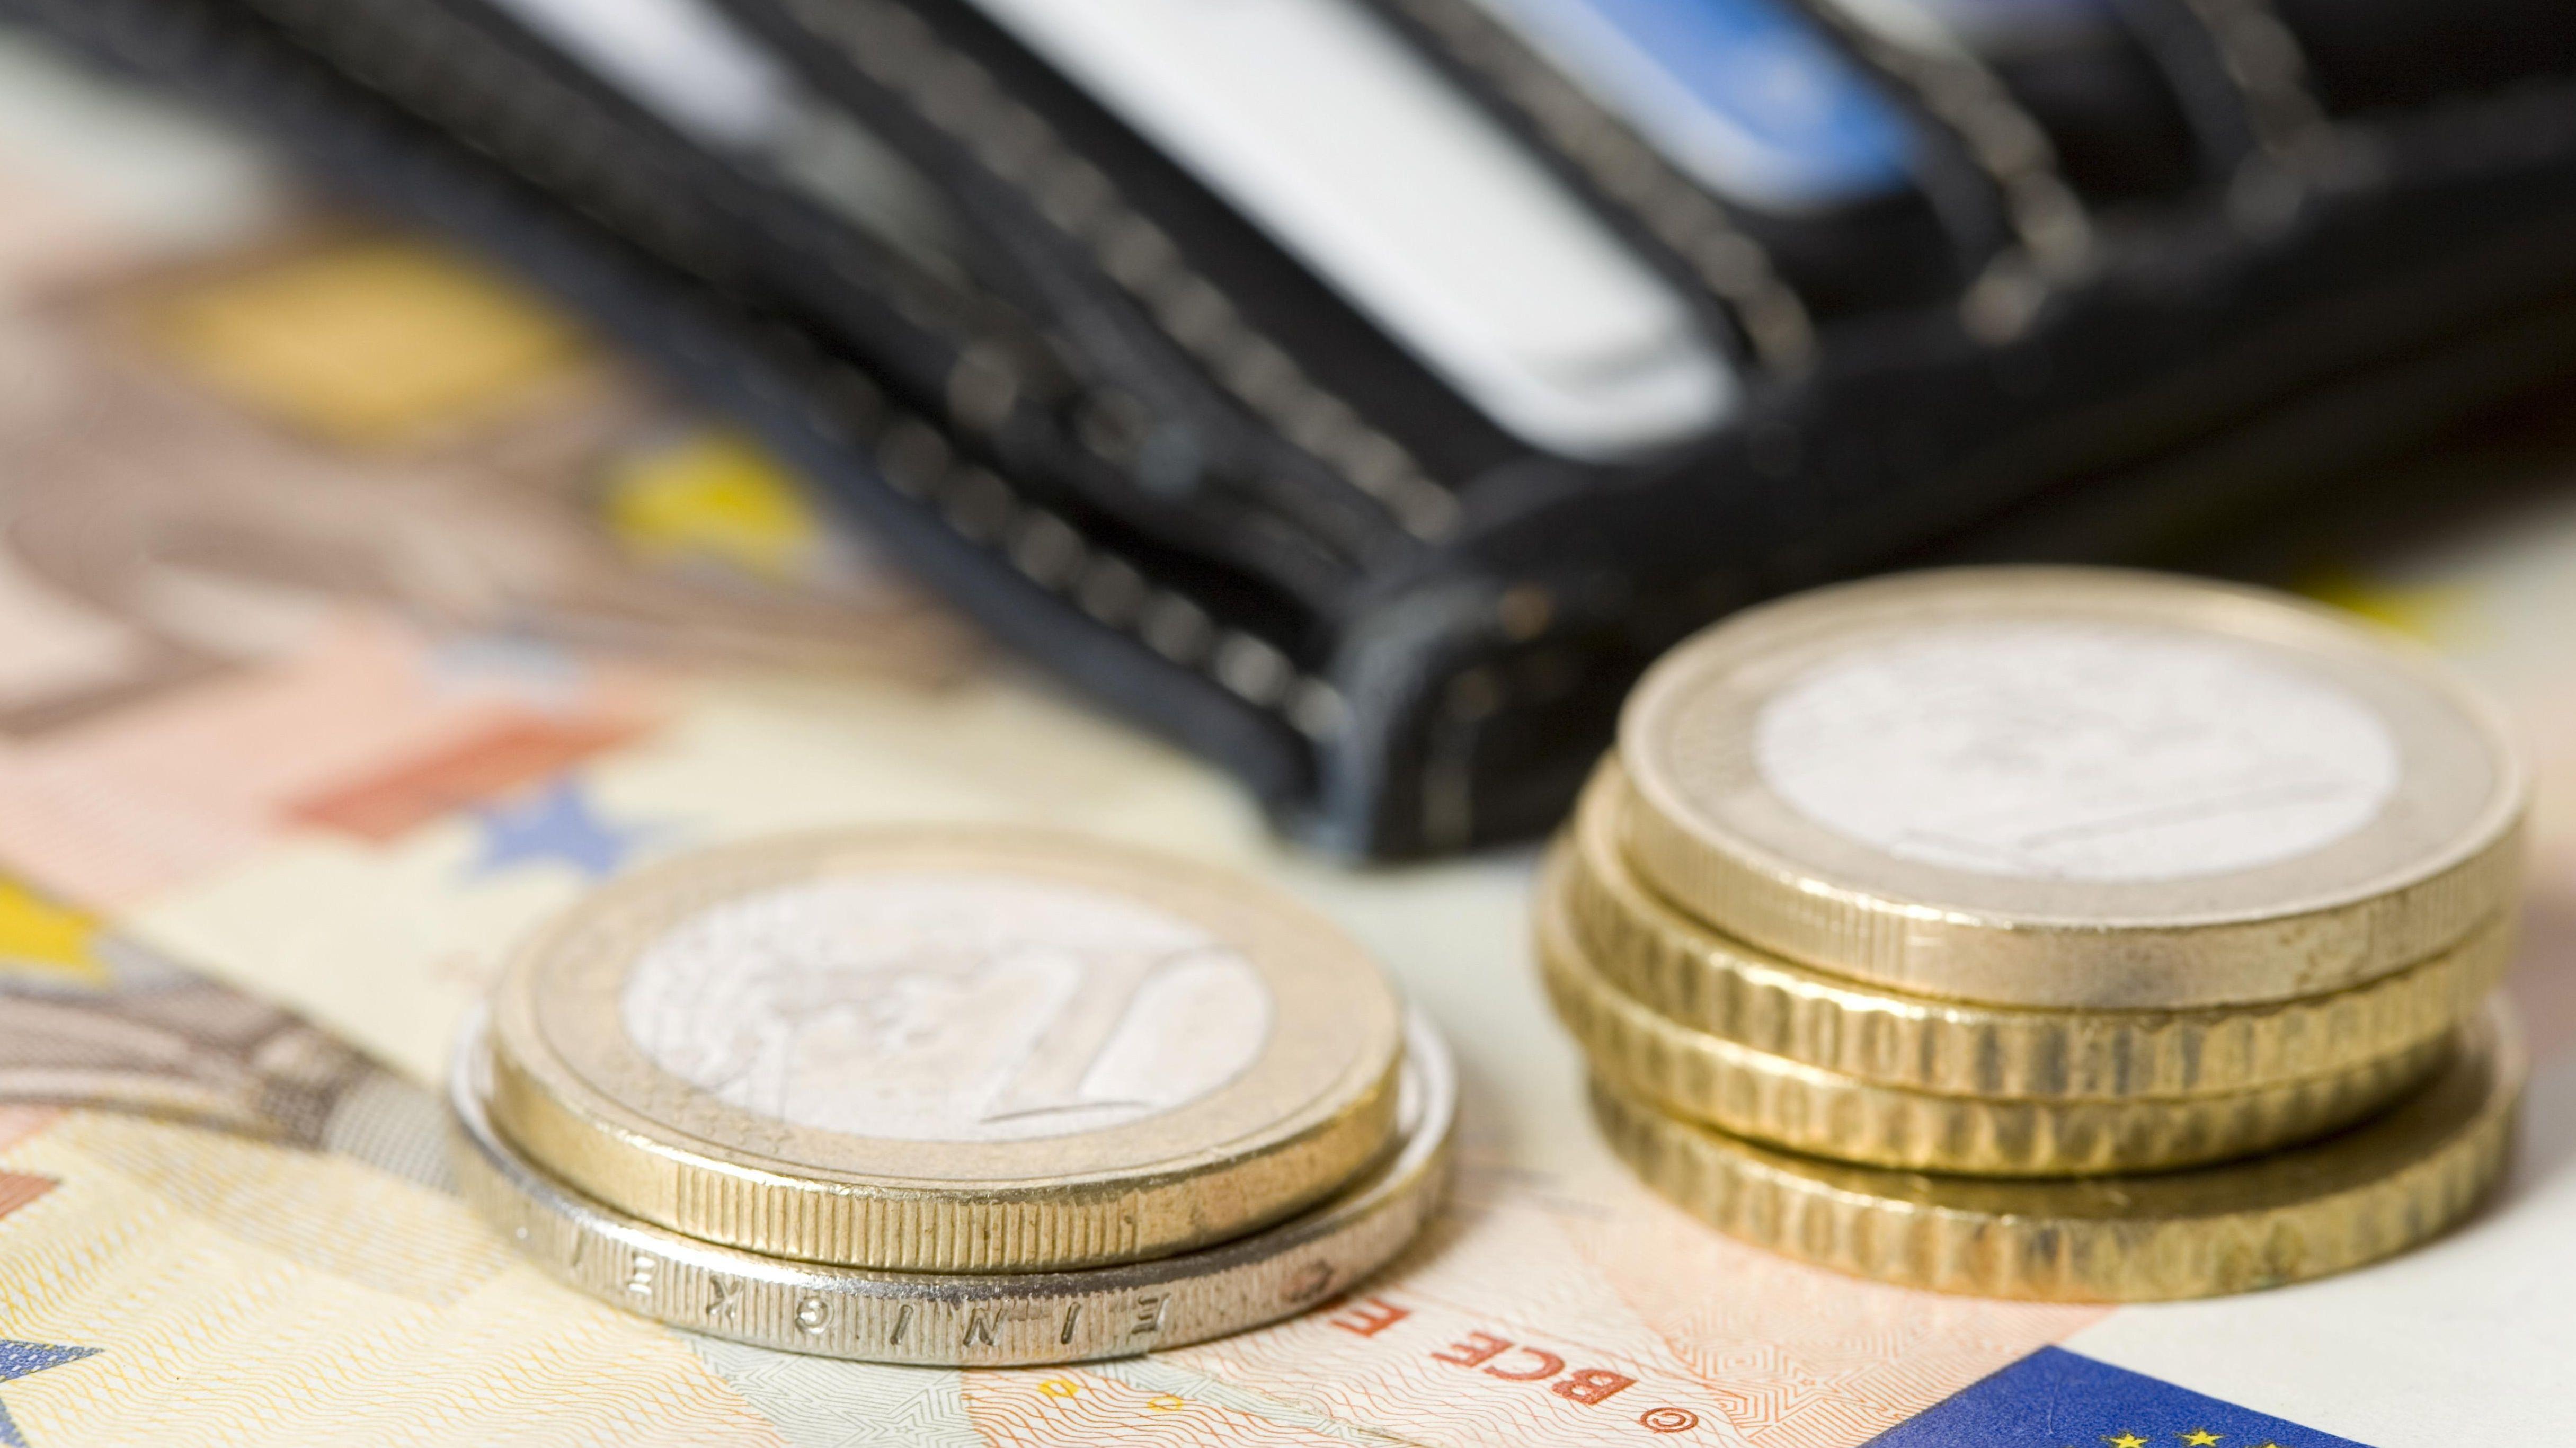 Ein Geldbeutel mit Münzen und Scheinen im Vordergrund.